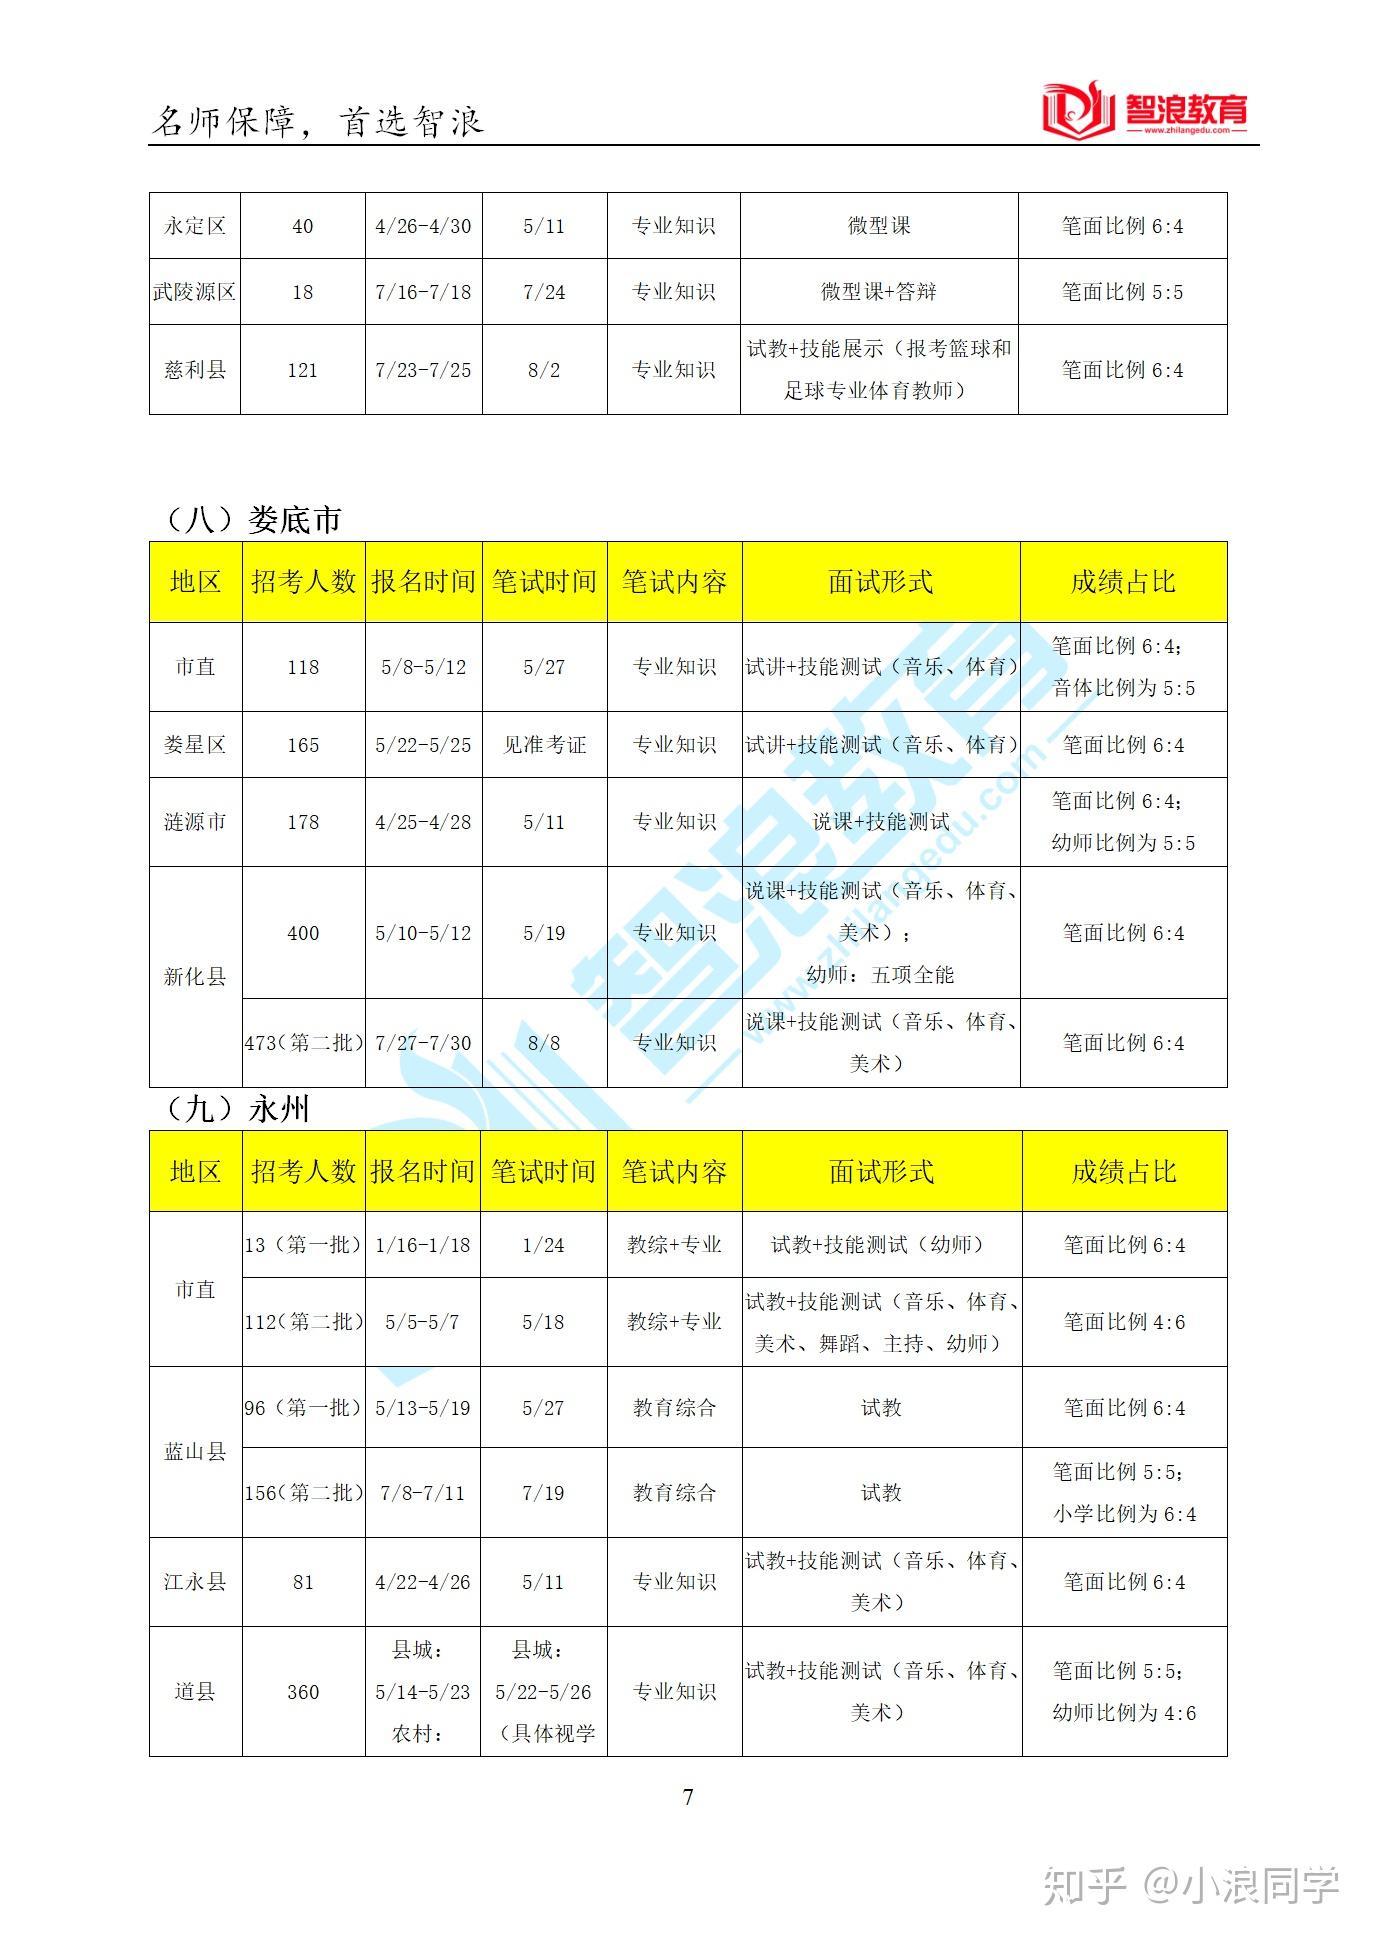 2014年湖南教师考编_【报考指南】湖南省2019年各县市,最详细的教师考编总结 - 知乎